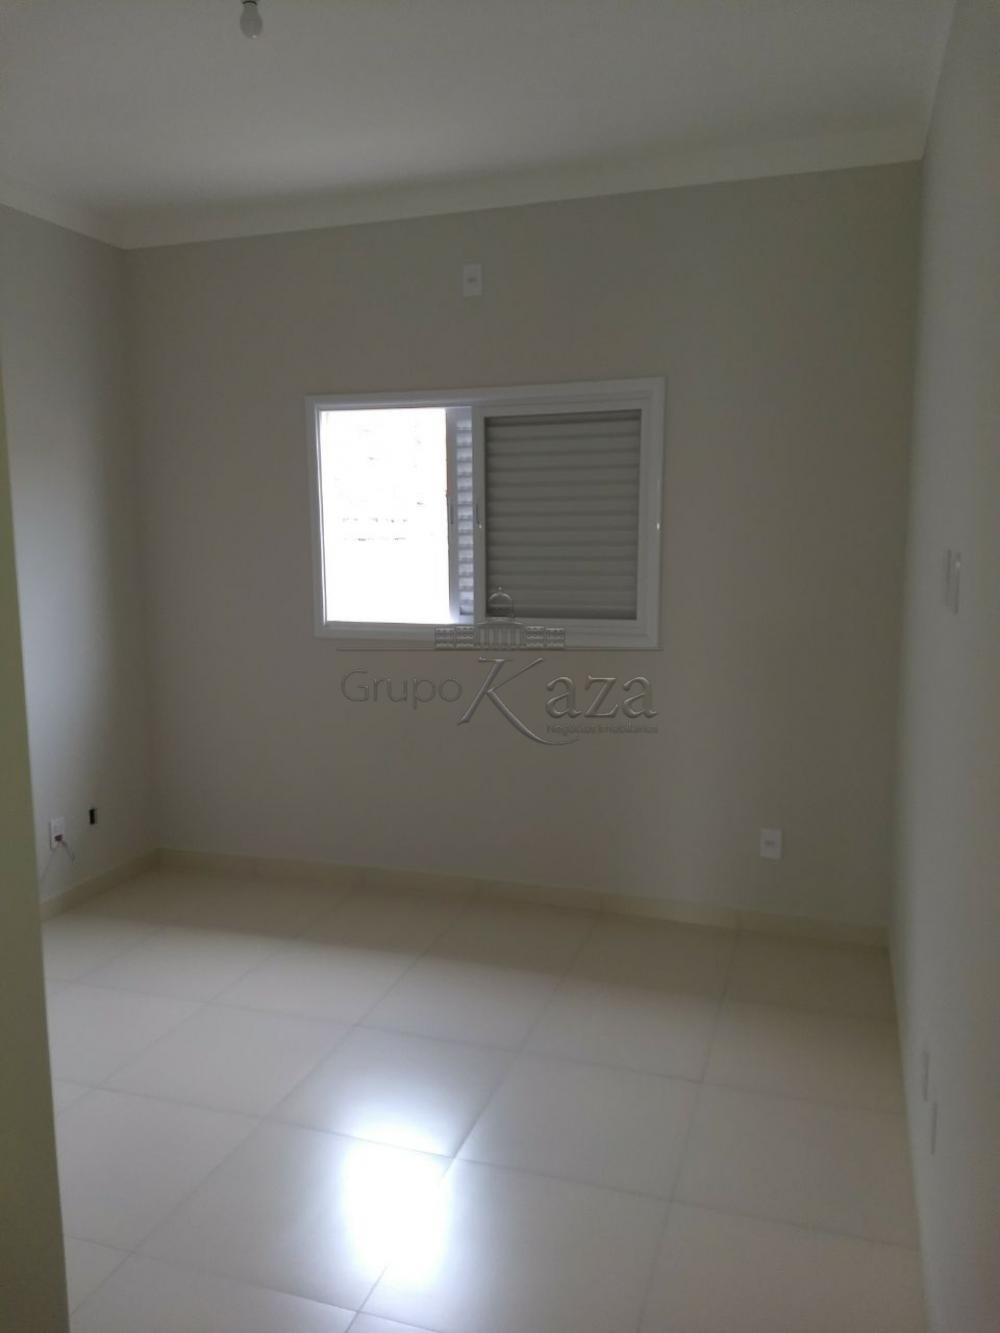 Comprar Casa / Sobrado em São José dos Campos apenas R$ 502.200,00 - Foto 3